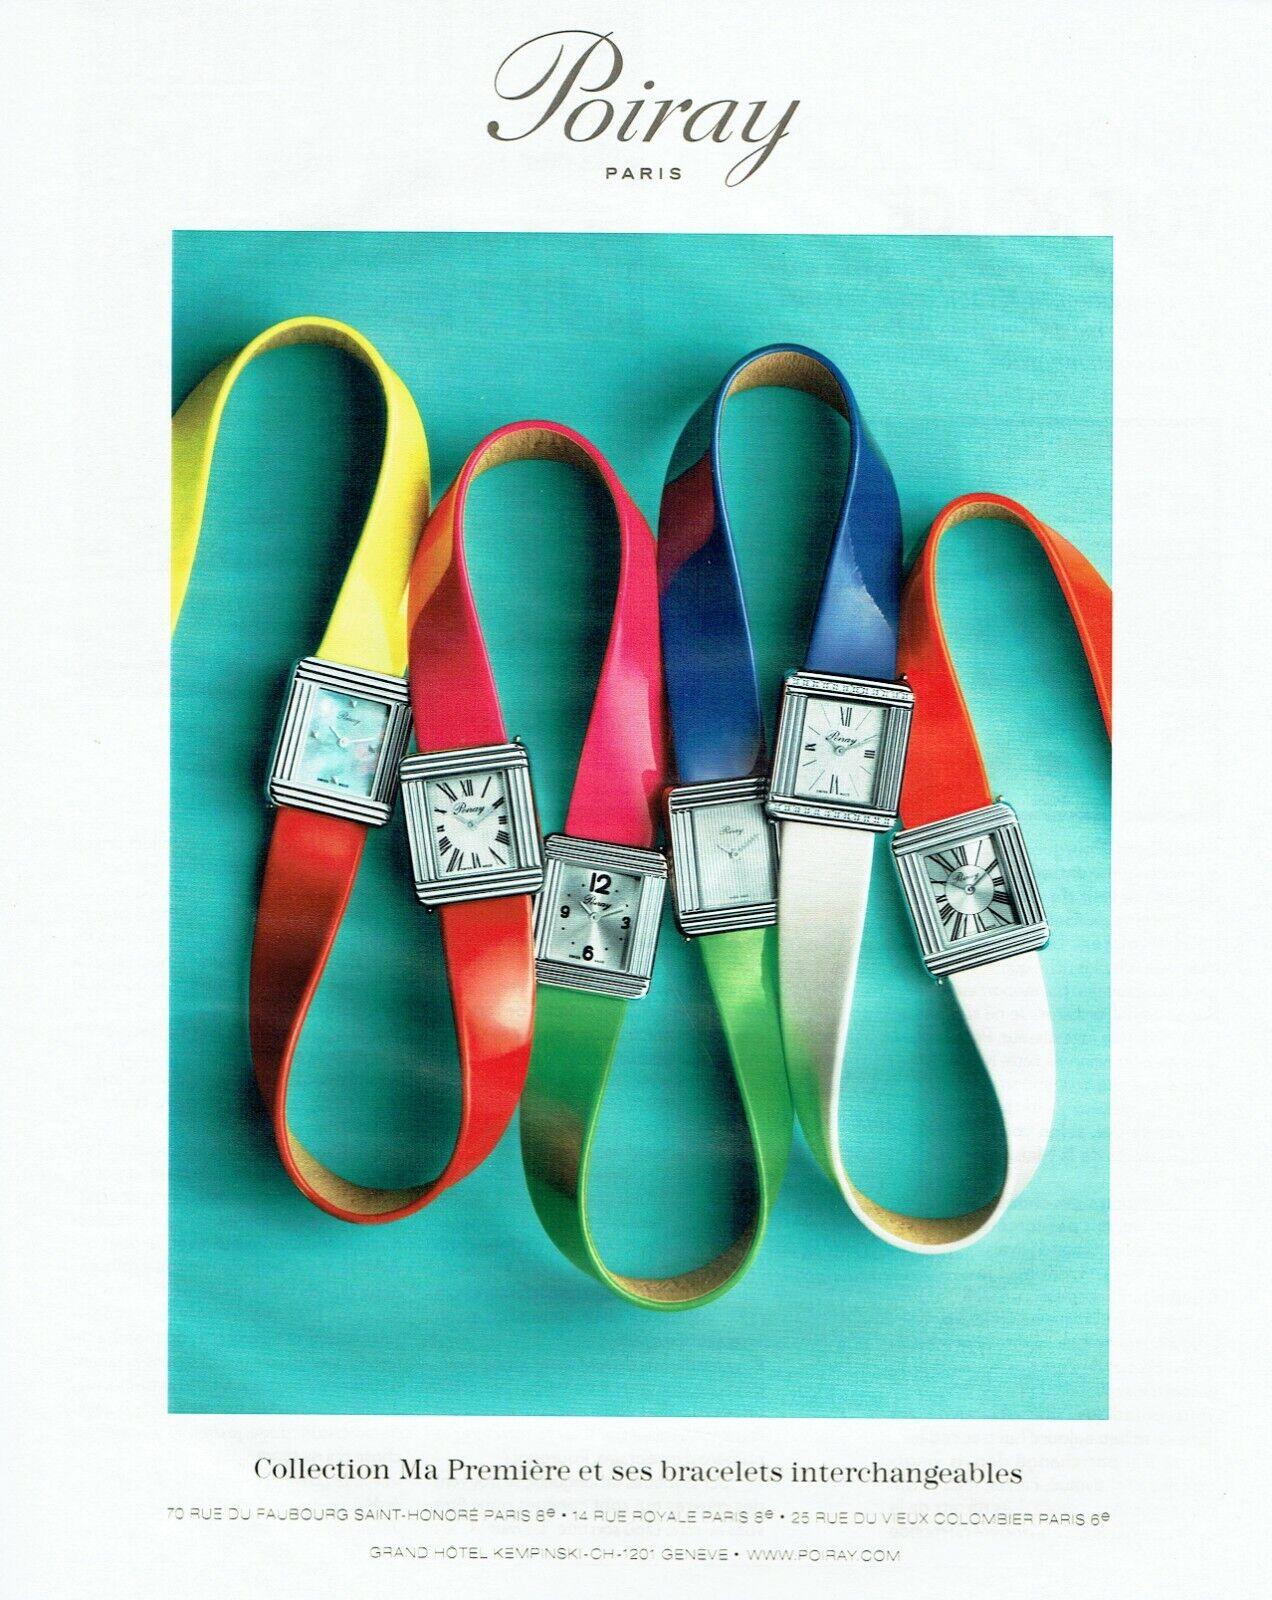 Publicité advertising 420  2014  montre poiray bracelets interchangeables premiè